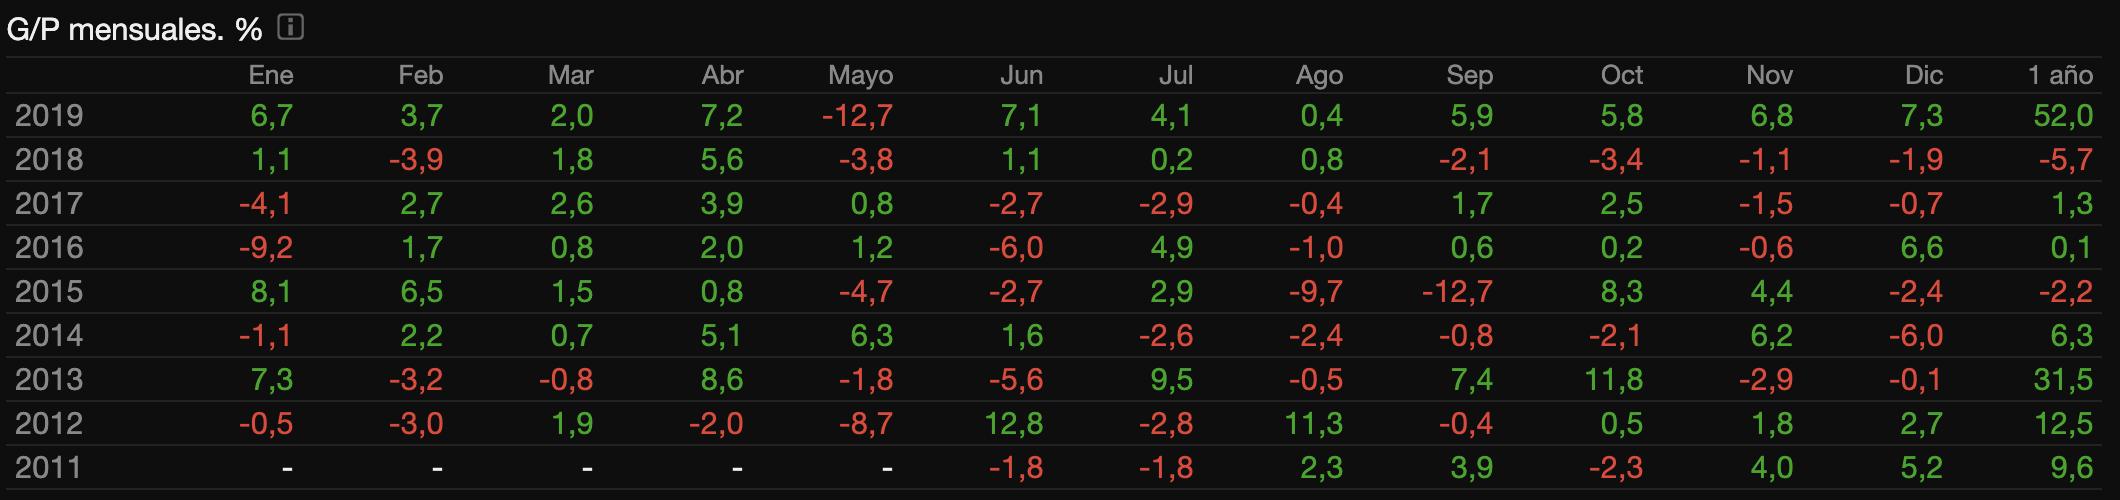 Tabla de ganancias/pérdidas por meses y años